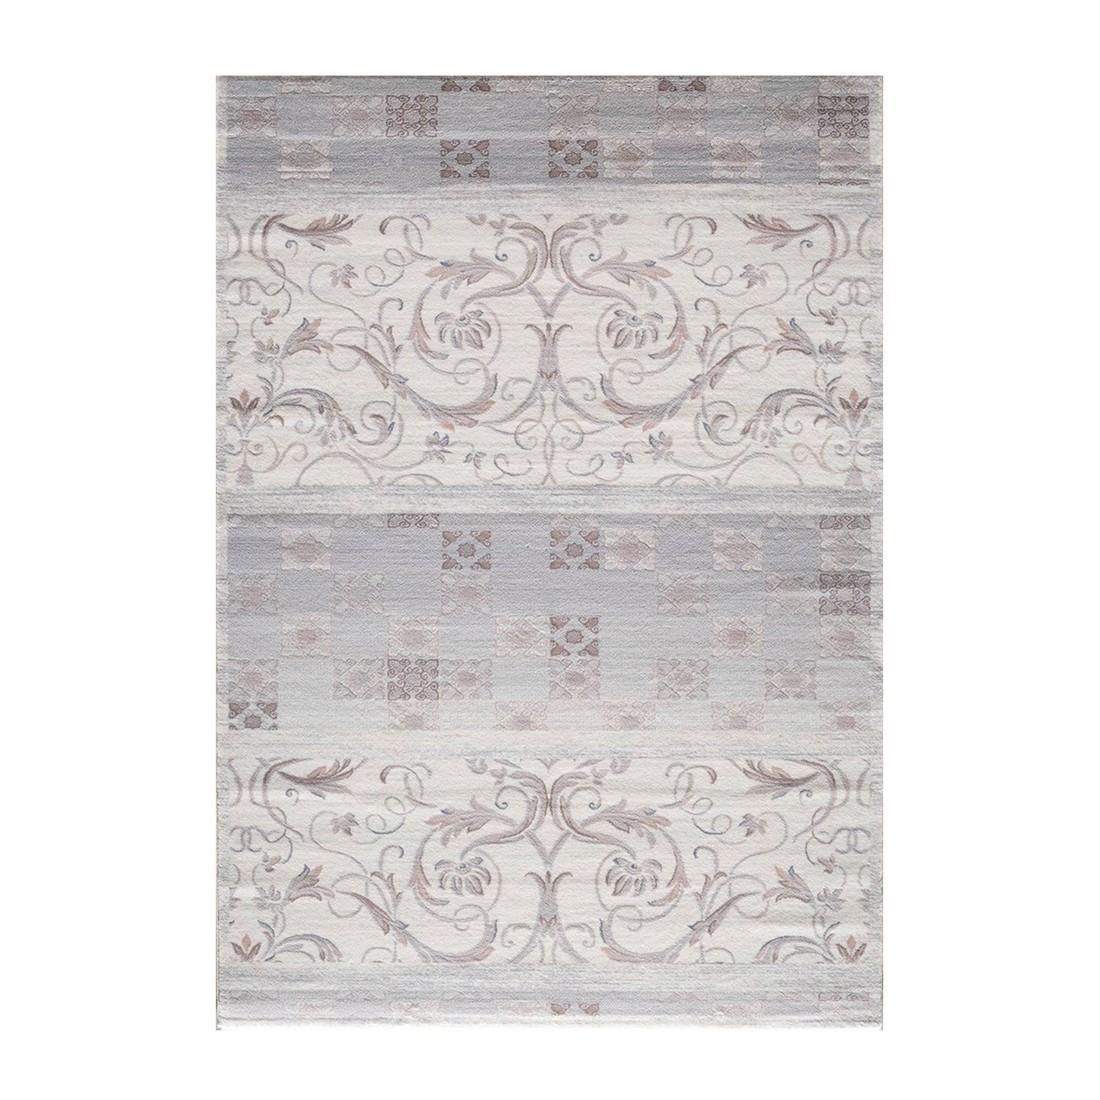 Nano Teppich Rast Dem – Grau – Maße: 200 x 290 cm, Kayoom bestellen